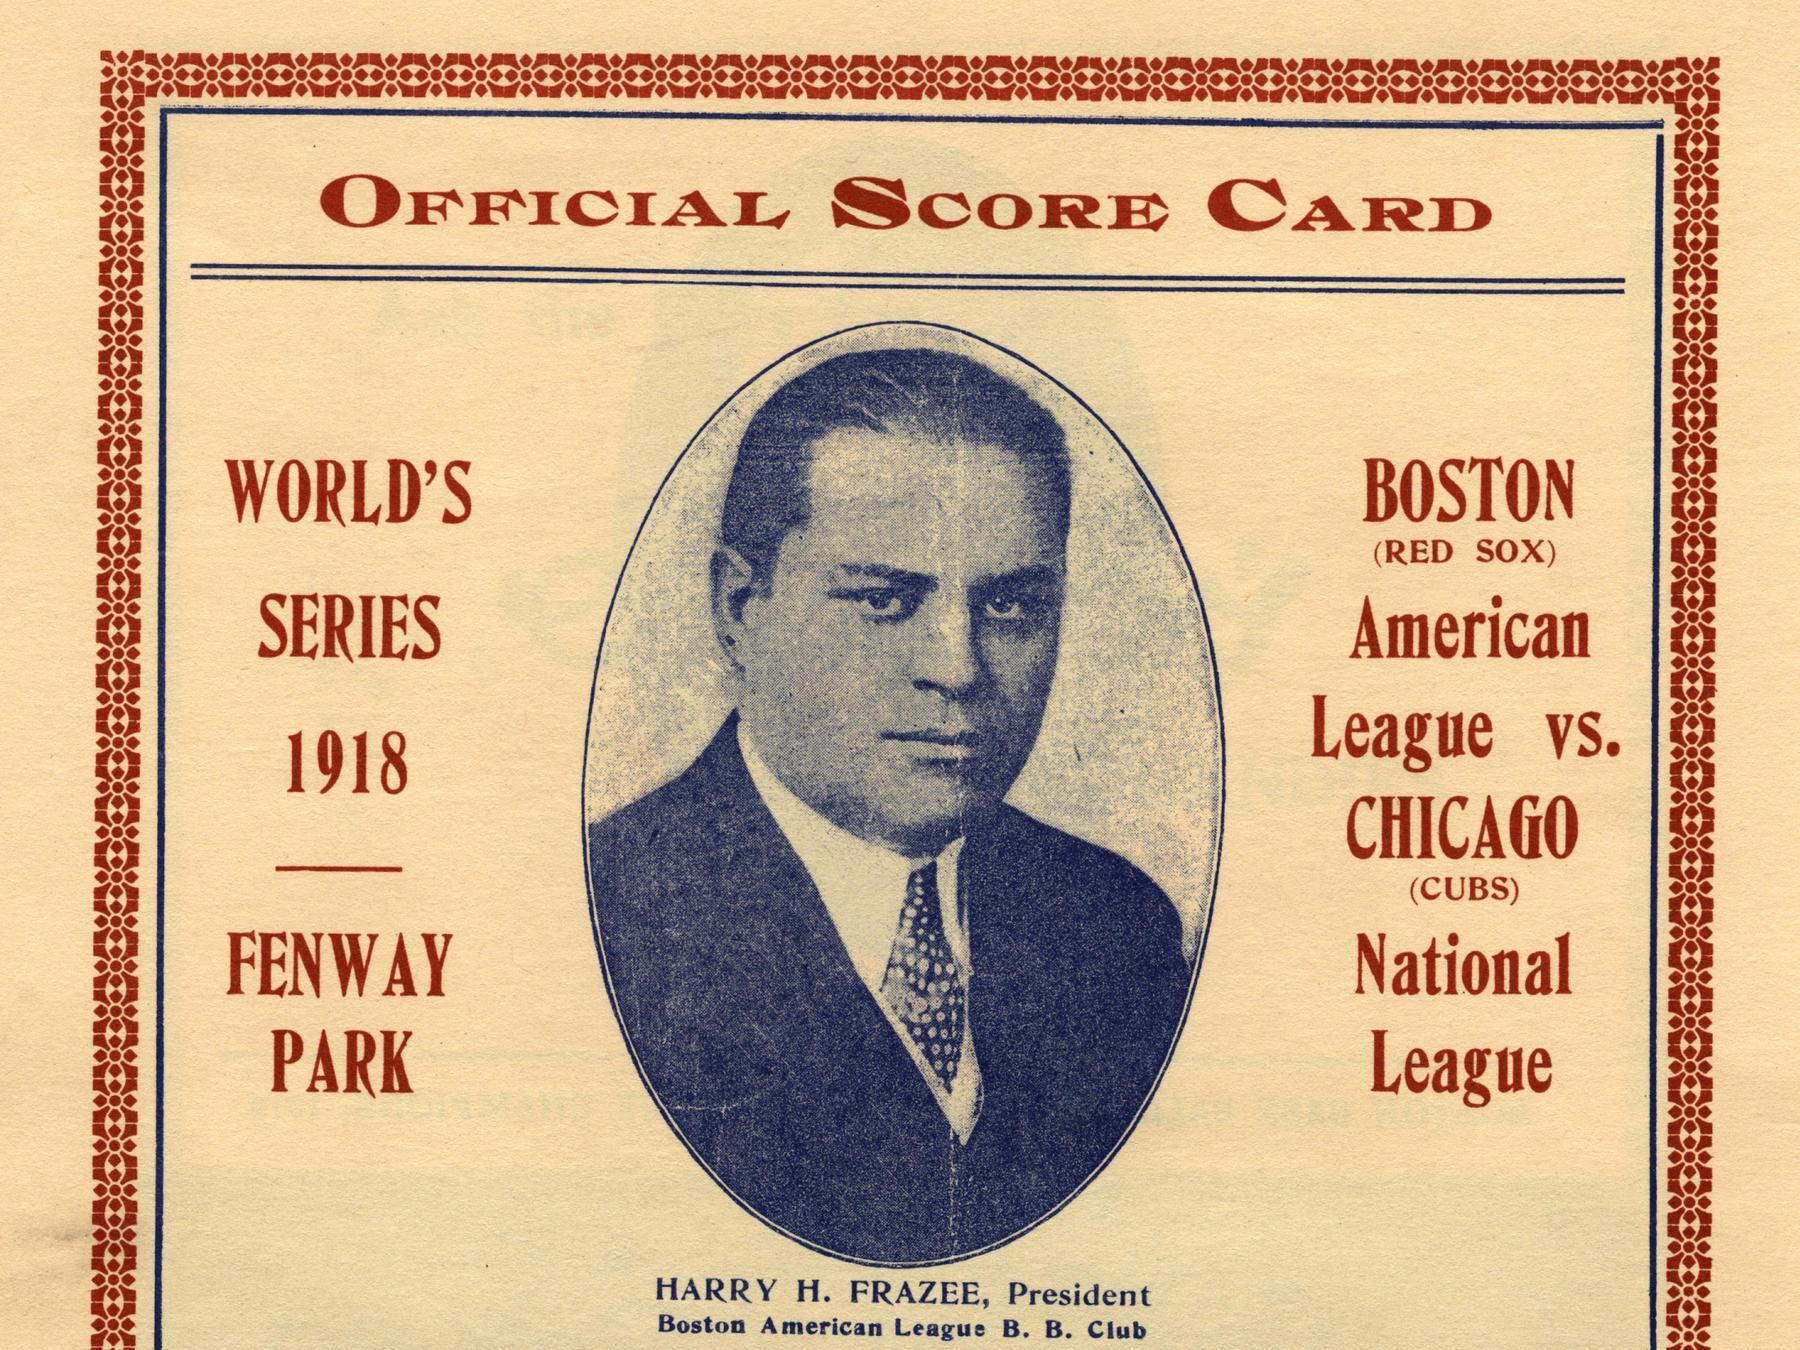 Detail from an official 1918 World Series scorecard. GV878.4.A15